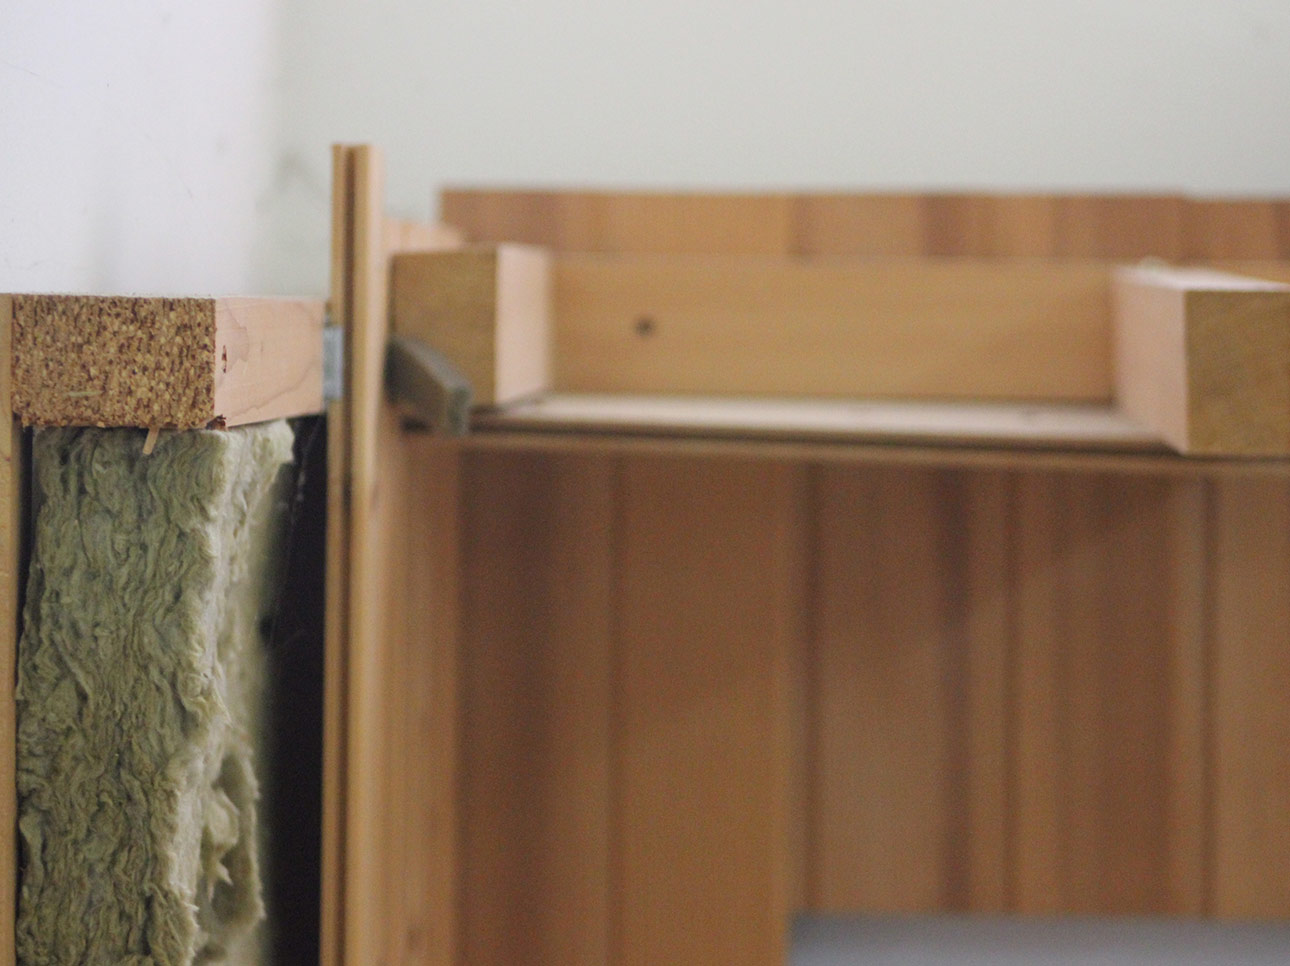 sauna selber bauen holz finnische sauna selber bauen einzigartig werkbank selber bauen von. Black Bedroom Furniture Sets. Home Design Ideas